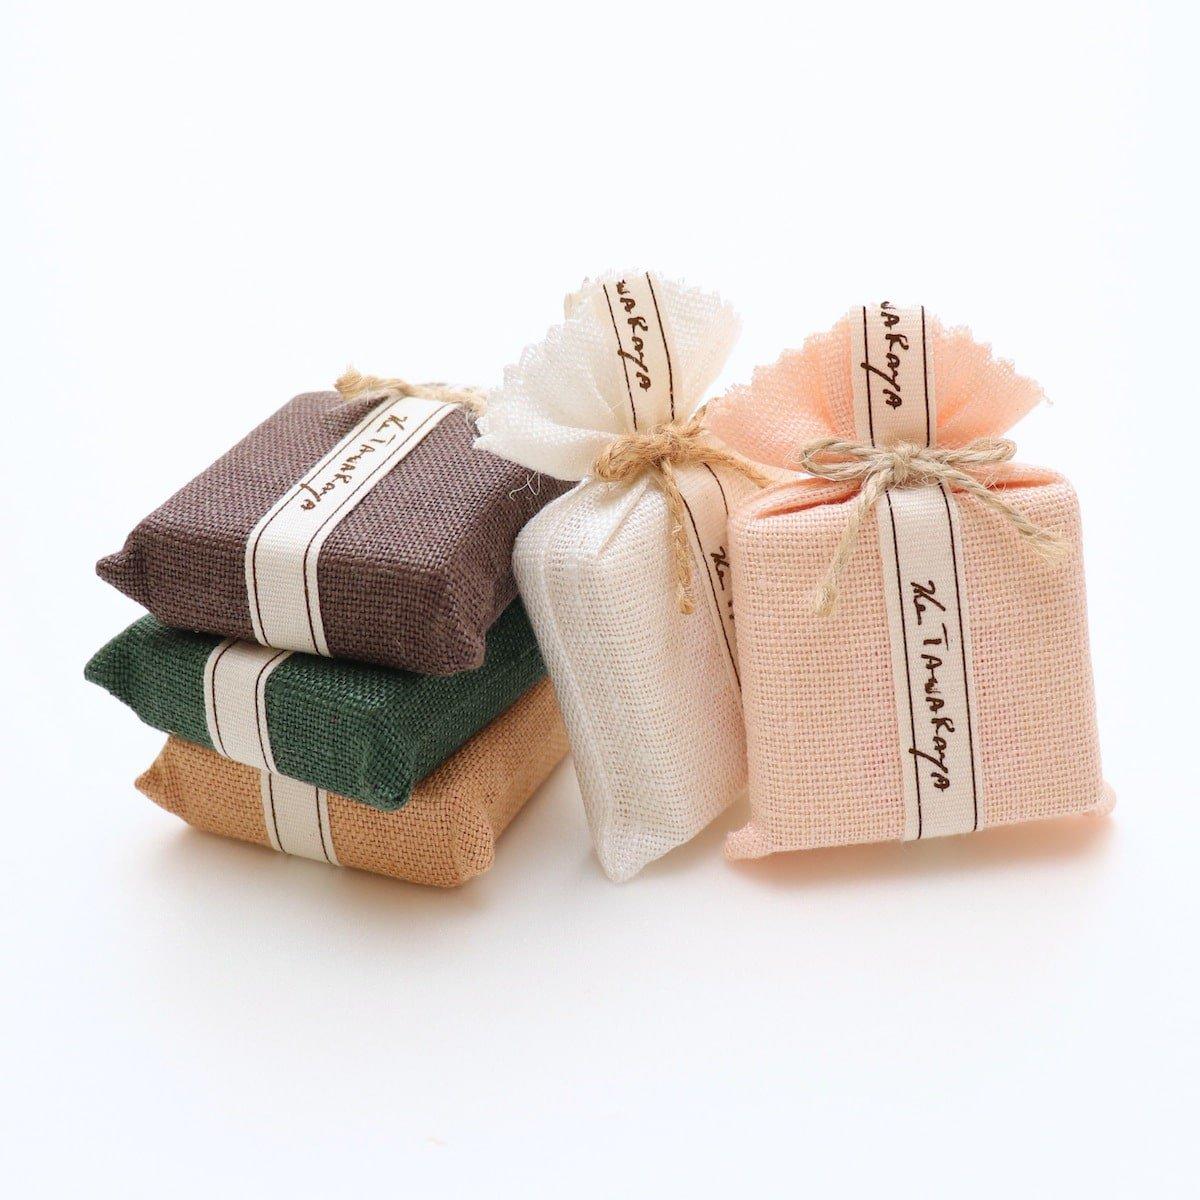 ソープ・ポプリ(石鹸1個入)